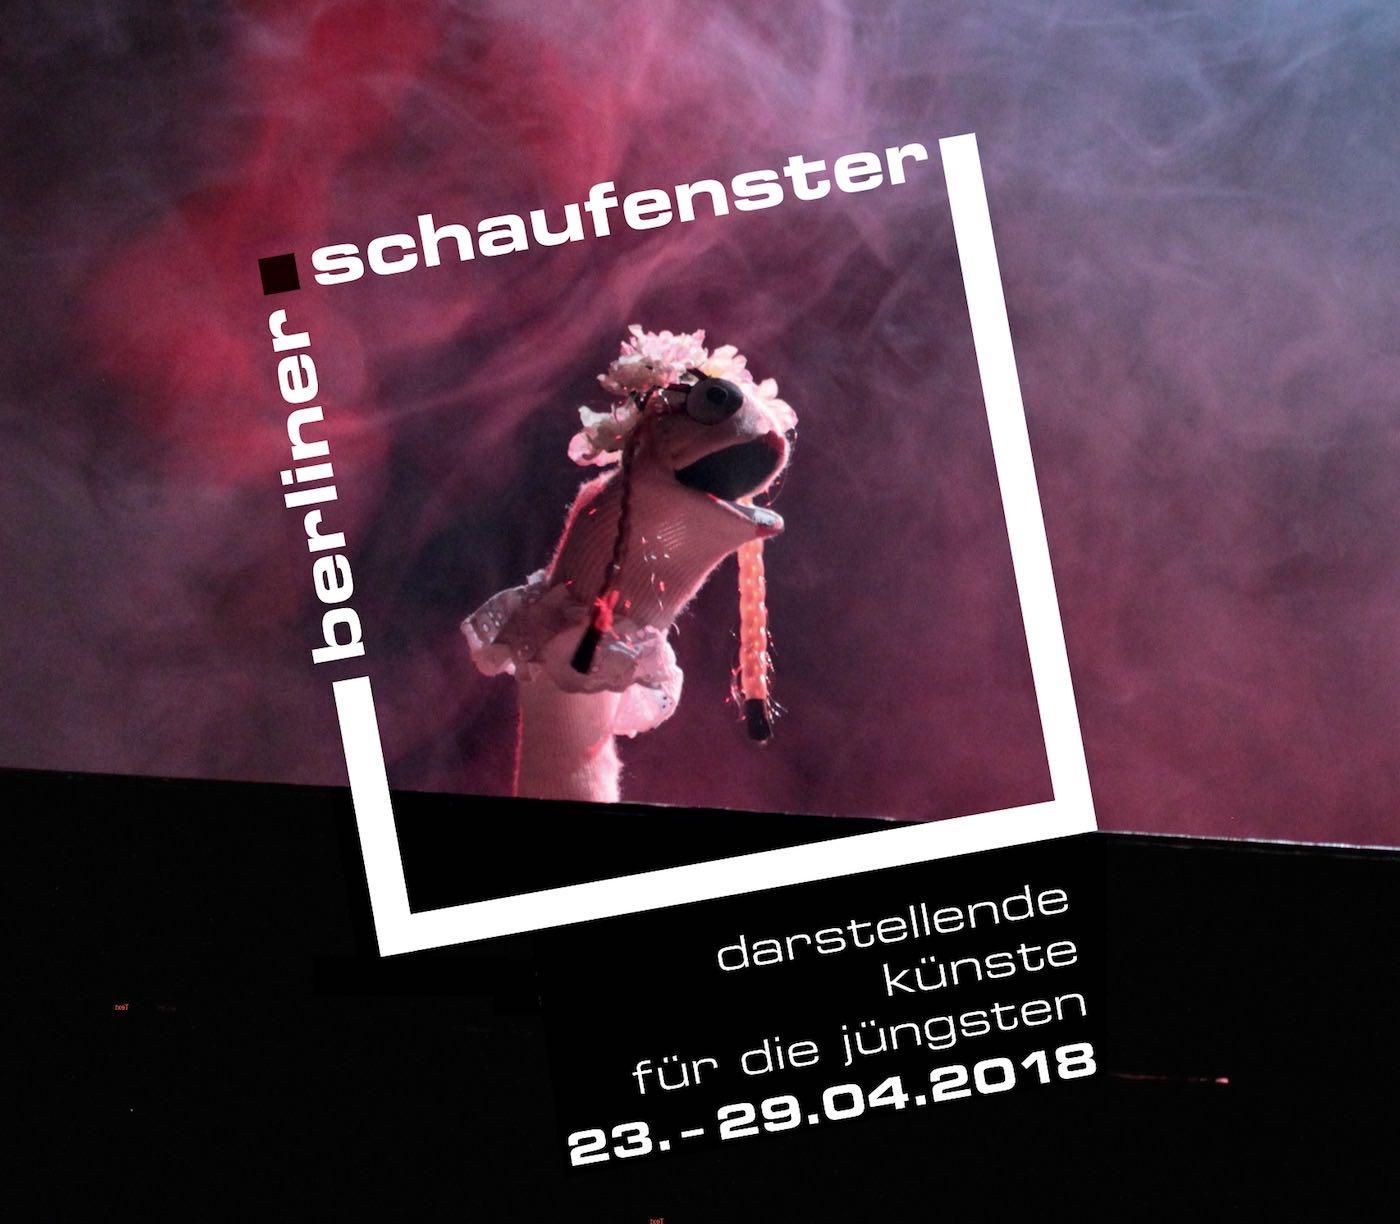 Theater für die Jüngsten beim Berliner Schaufesnter | berlinmitkind.de